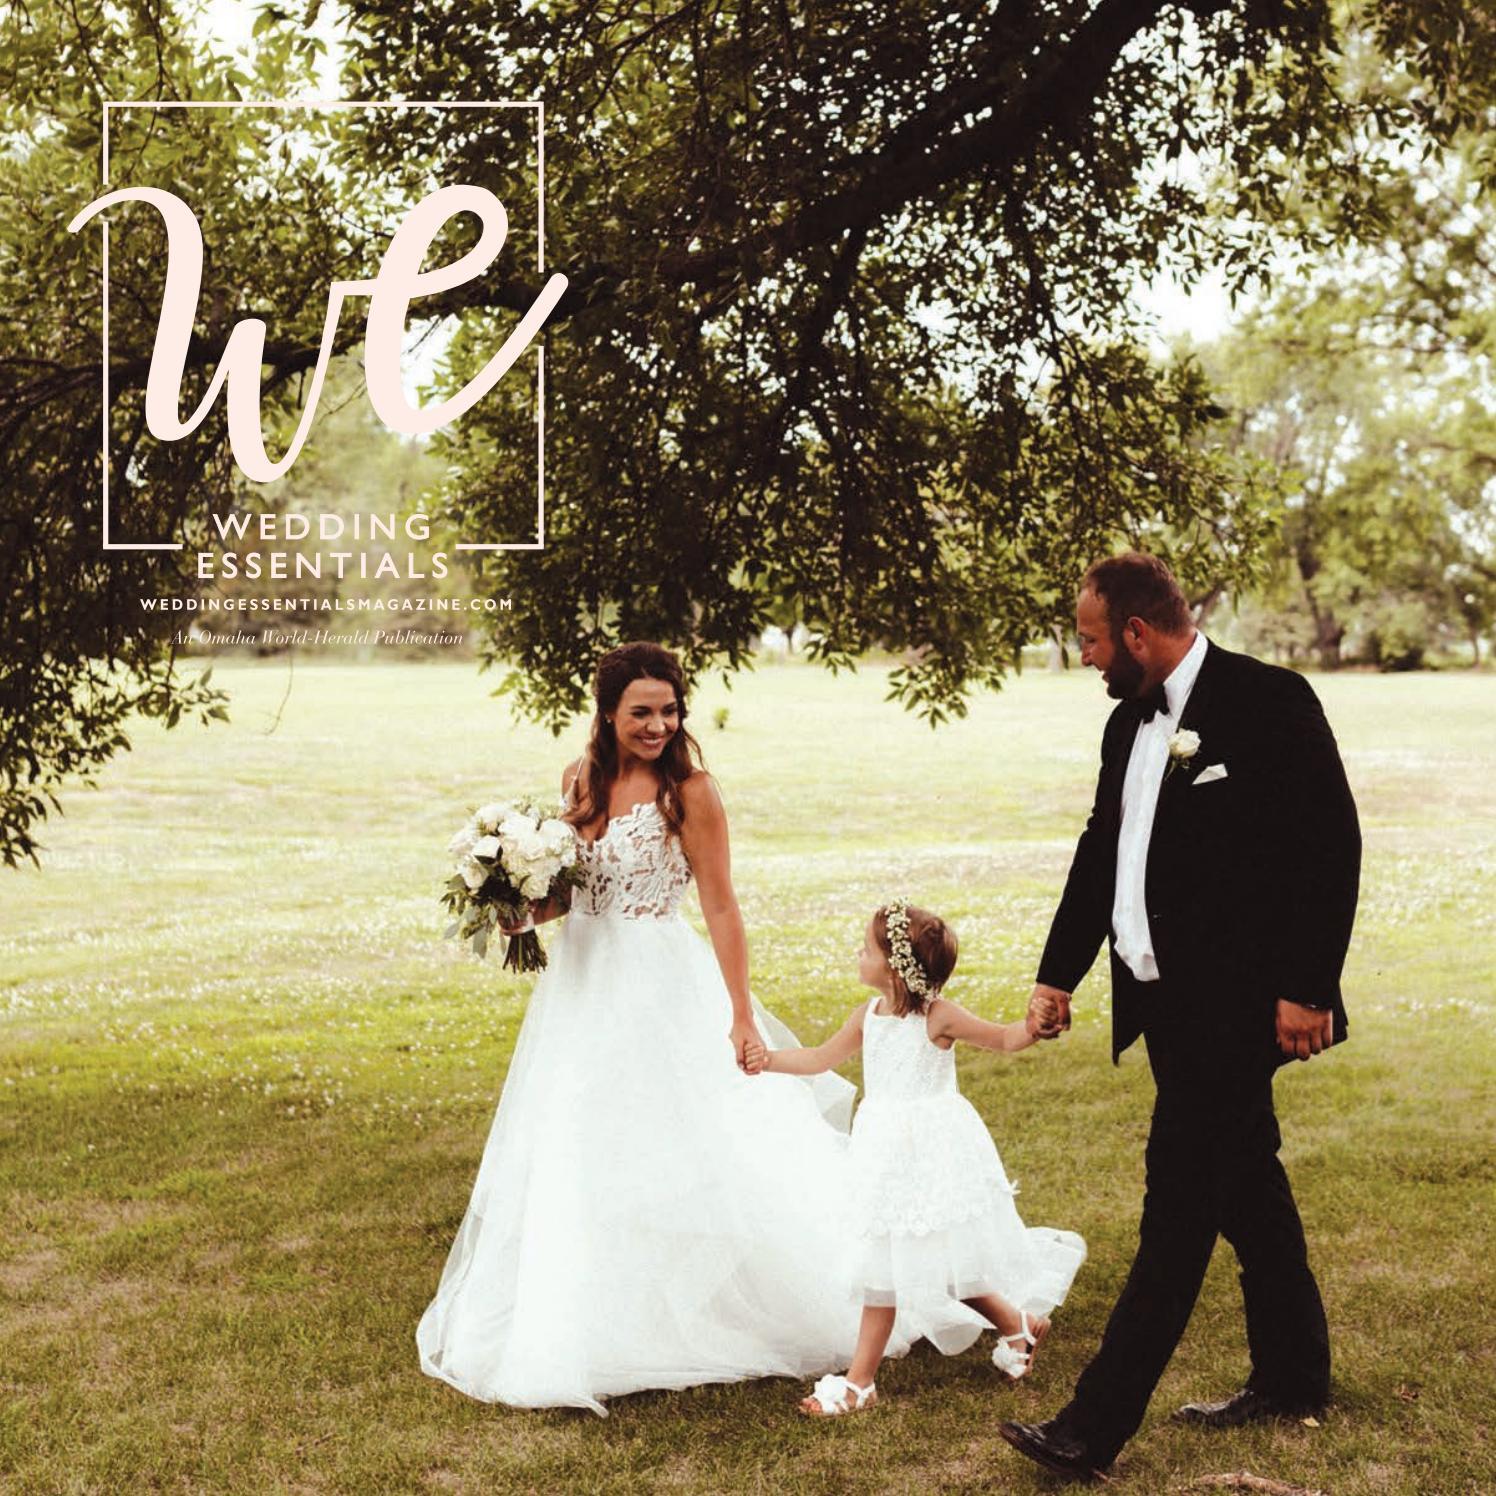 8a82846096c Wedding Essentials - Fall 2017 by Omaha World-Herald - issuu